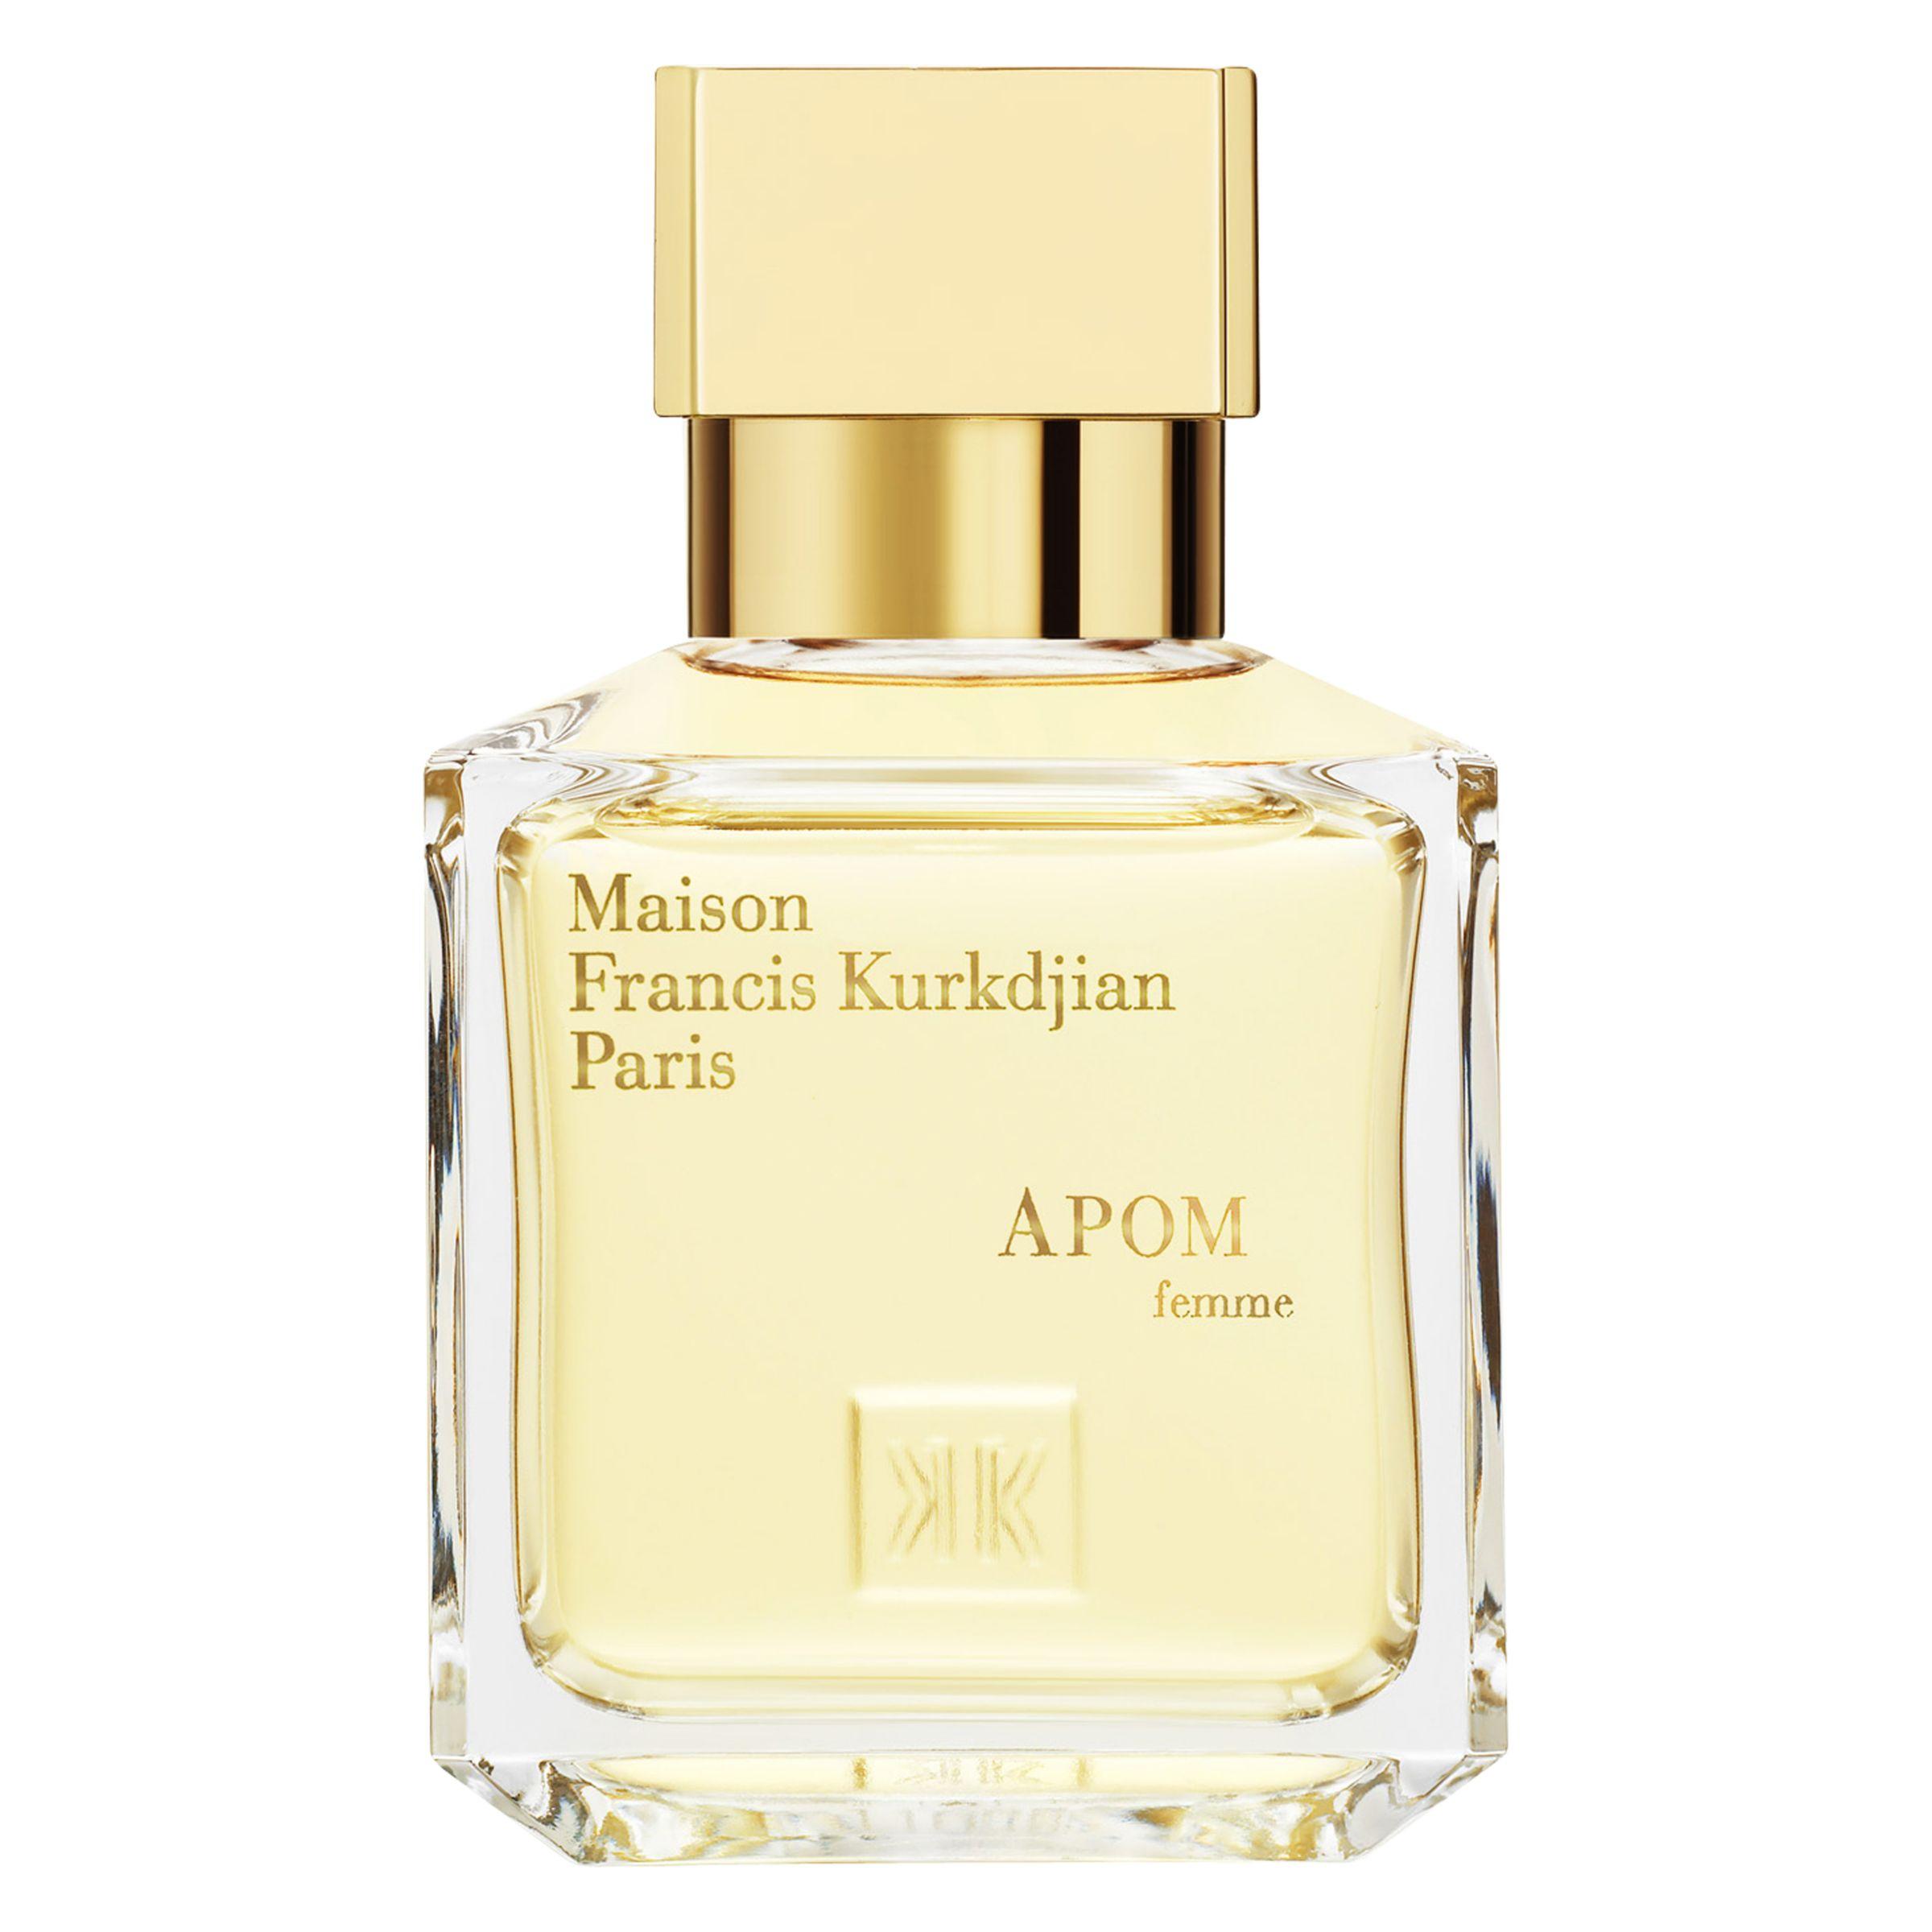 Maison Francis Kurkdjian Maison Francis Kurkdjian Apom Pour Femme Eau de Parfum, 70ml